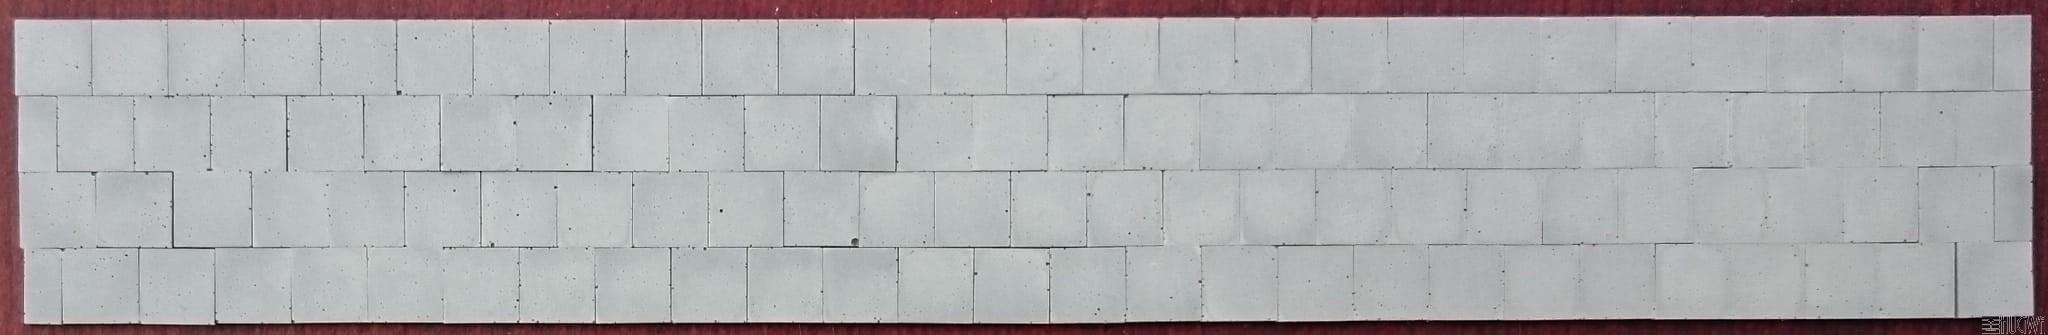 gehweg betonplatten 50x50 1:120 (tt) sklep.hugwa.pl